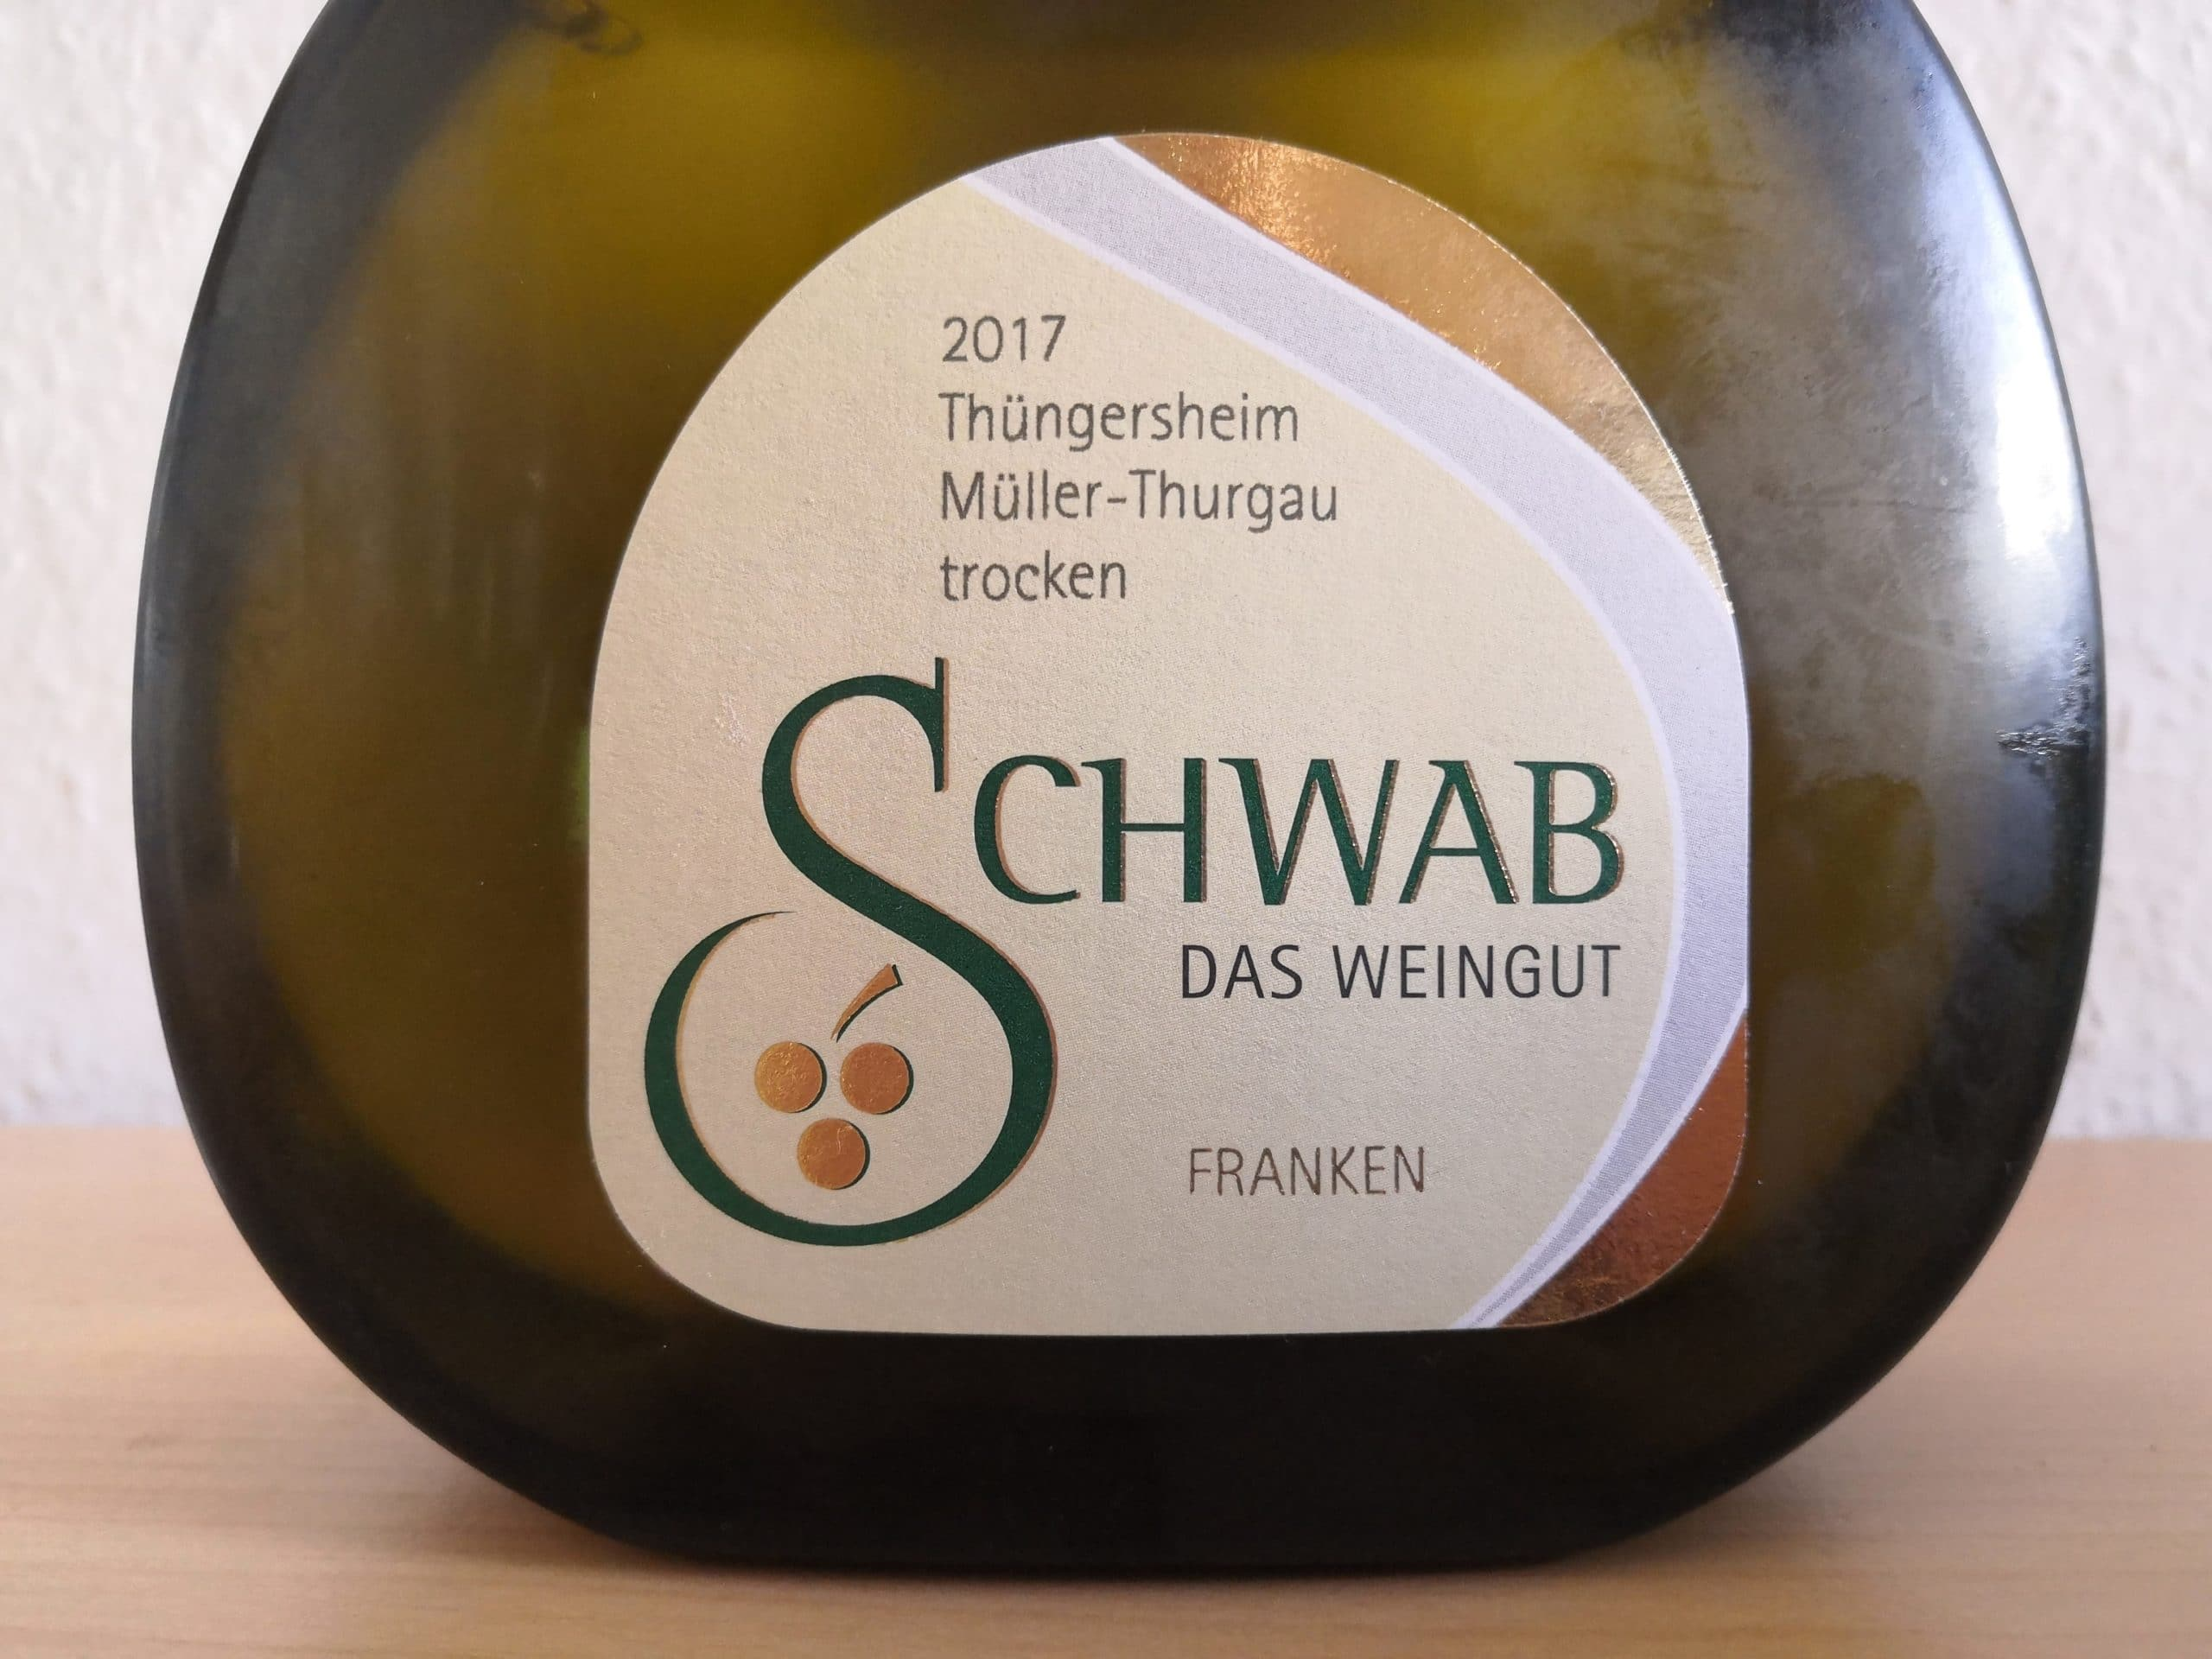 2017 Thüngersheim Müller-Thurgau trocken, Weingut Schwab